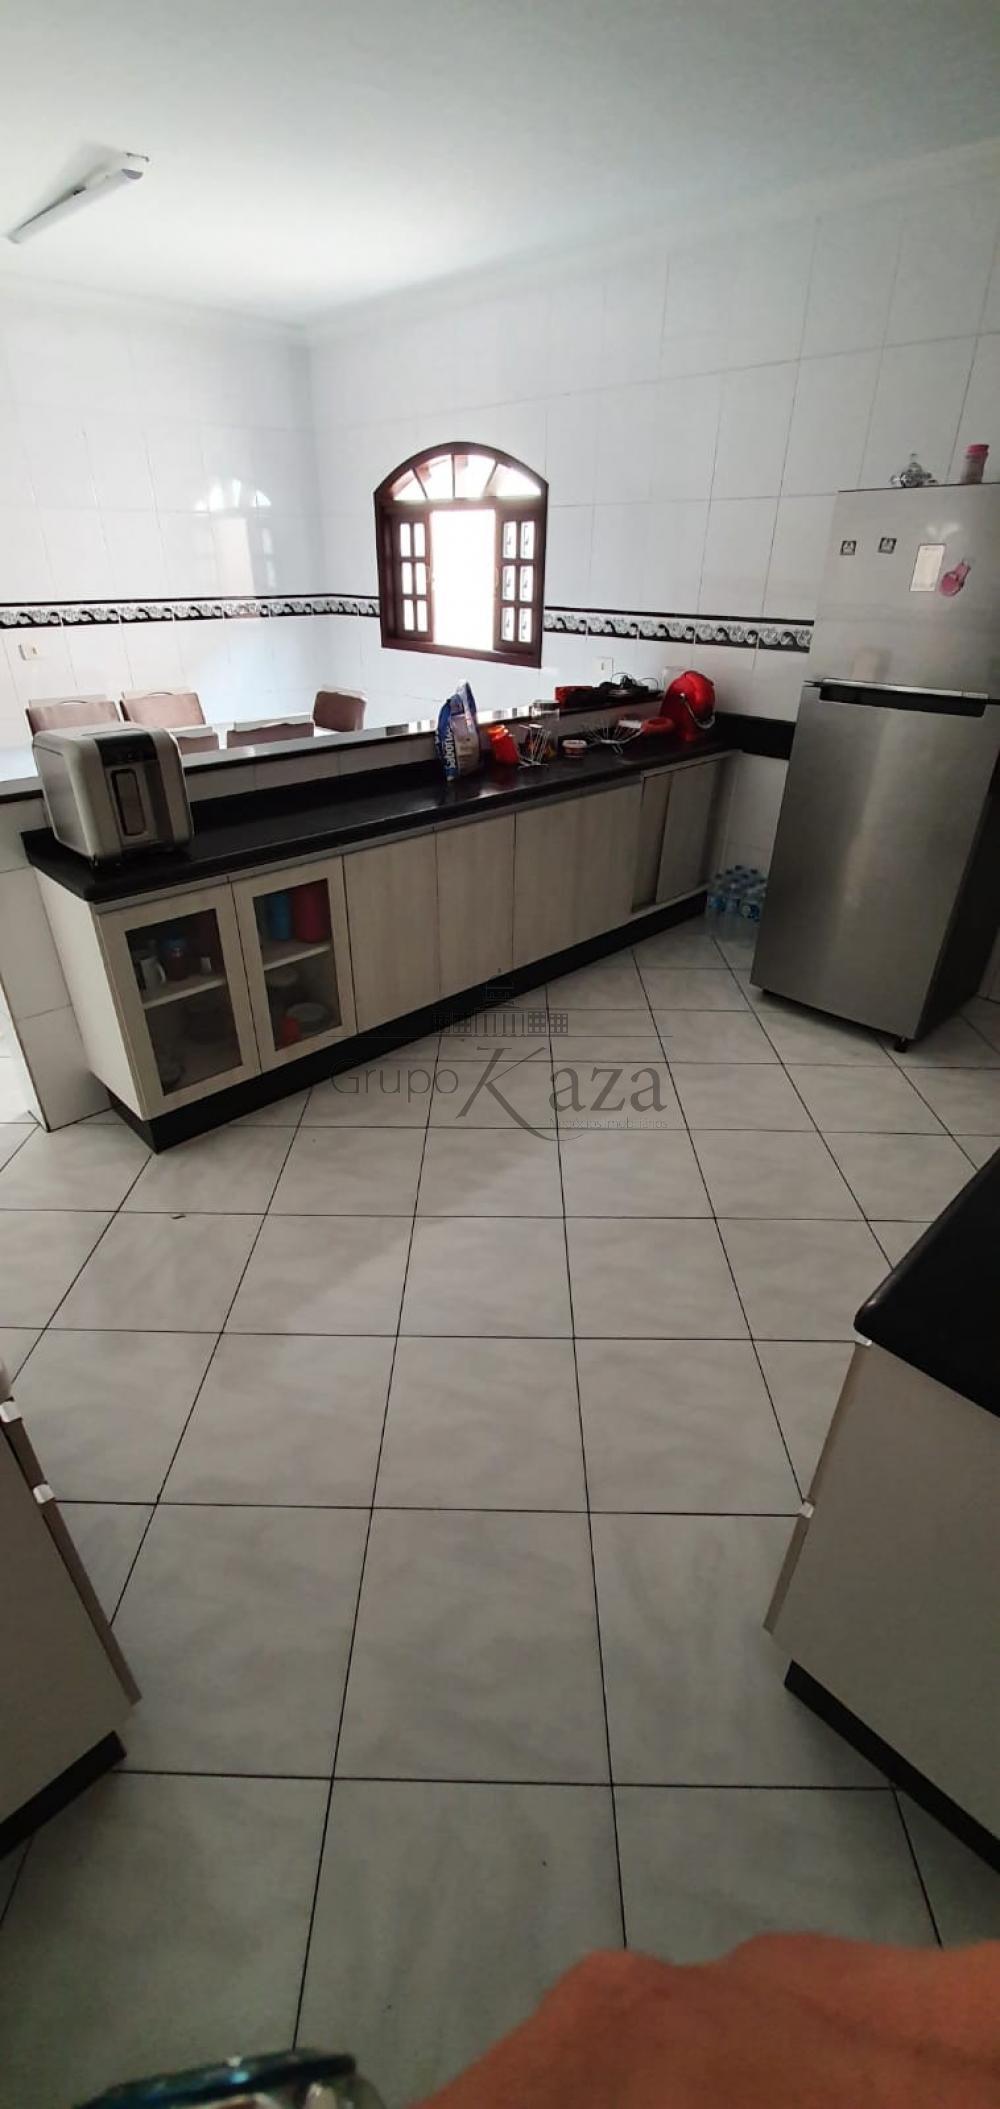 alt='Comprar Casa / Sobrado em São José dos Campos R$ 330.000,00 - Foto 3' title='Comprar Casa / Sobrado em São José dos Campos R$ 330.000,00 - Foto 3'